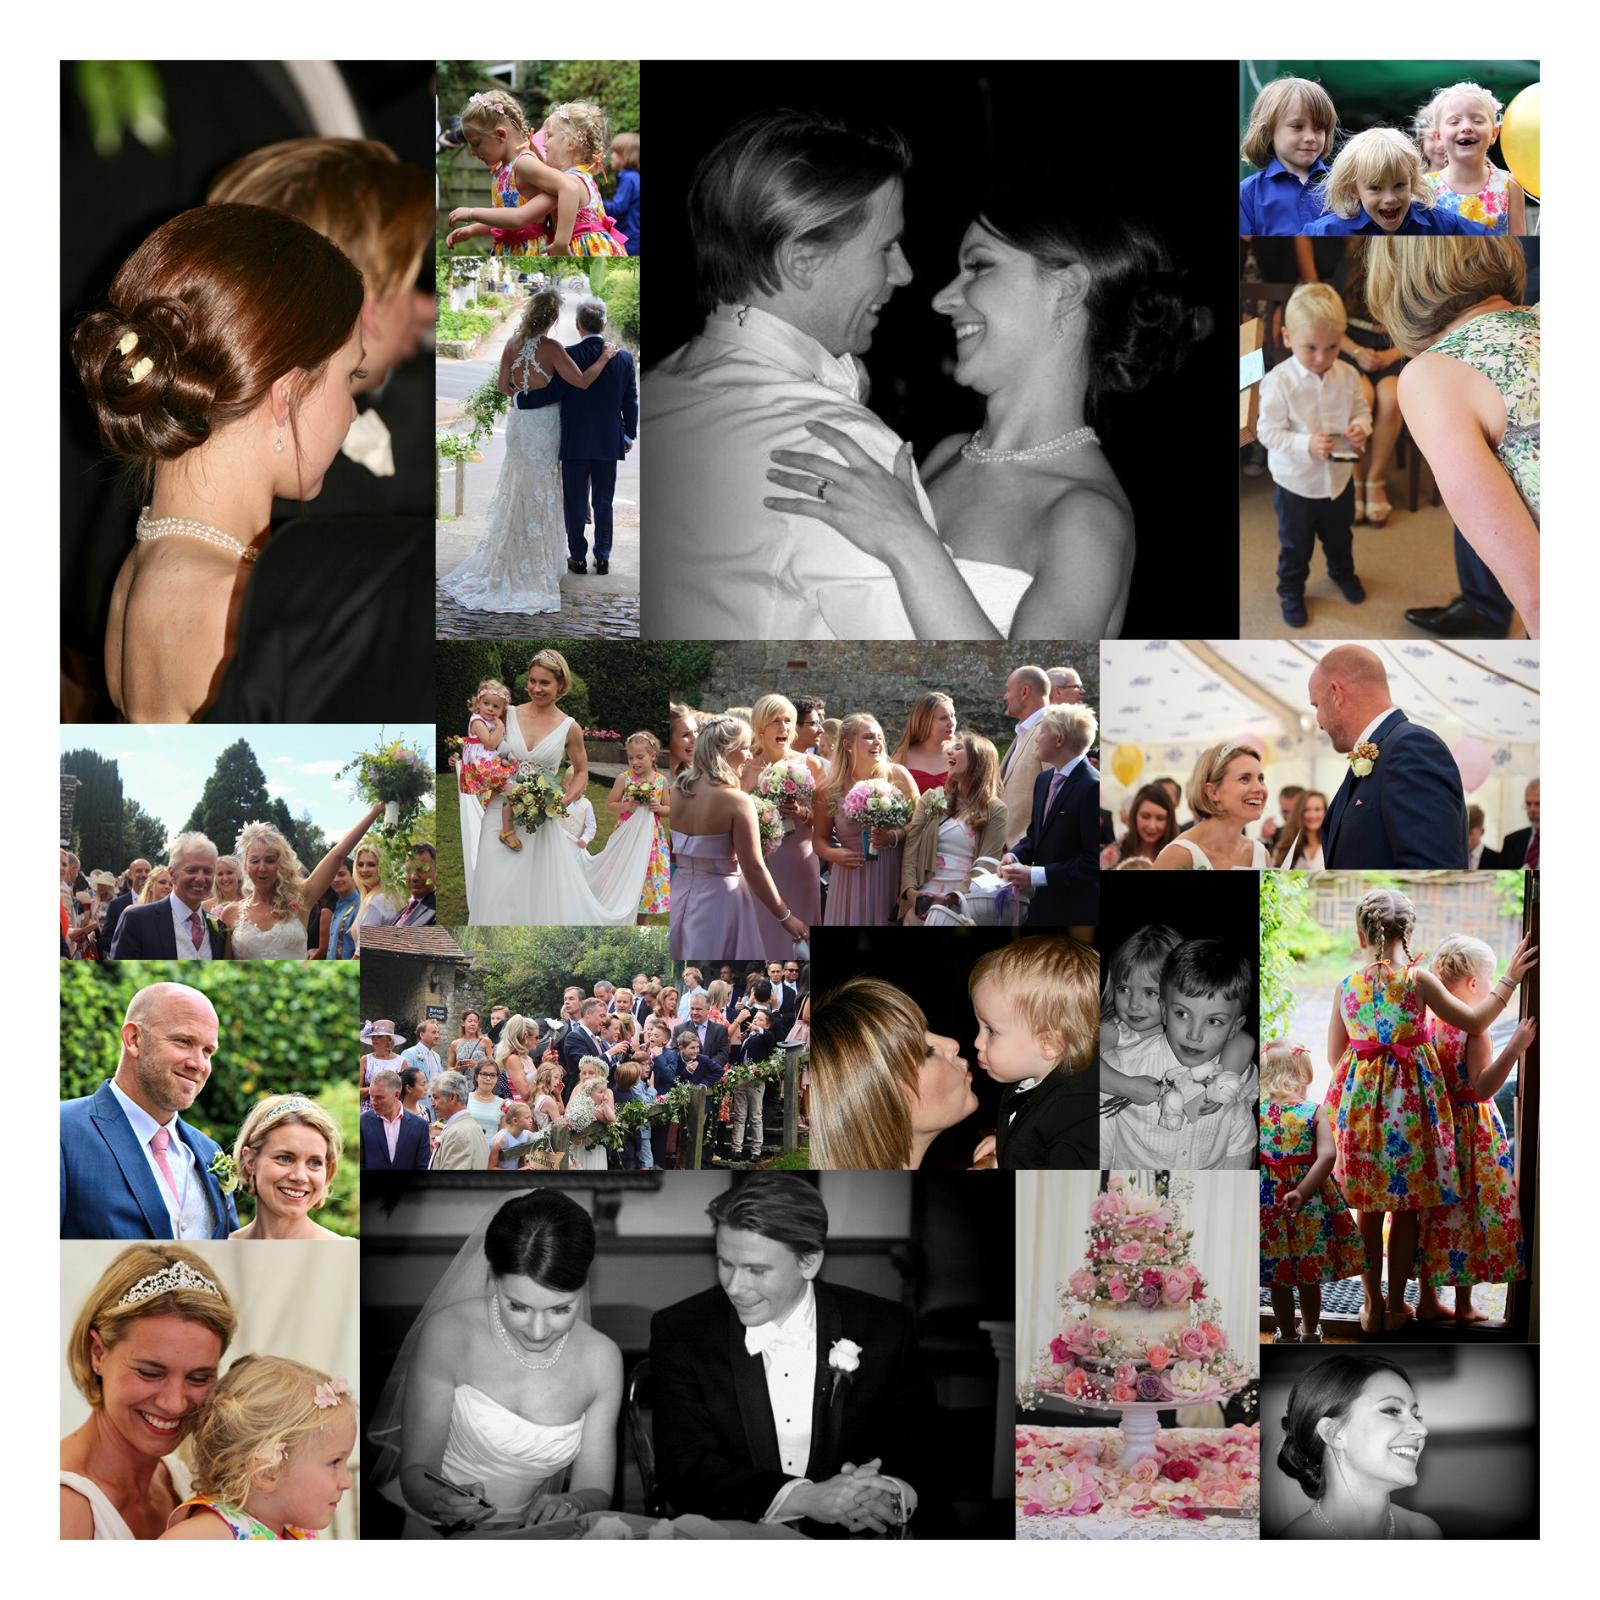 wedding mosaic (larger) 3.jpg